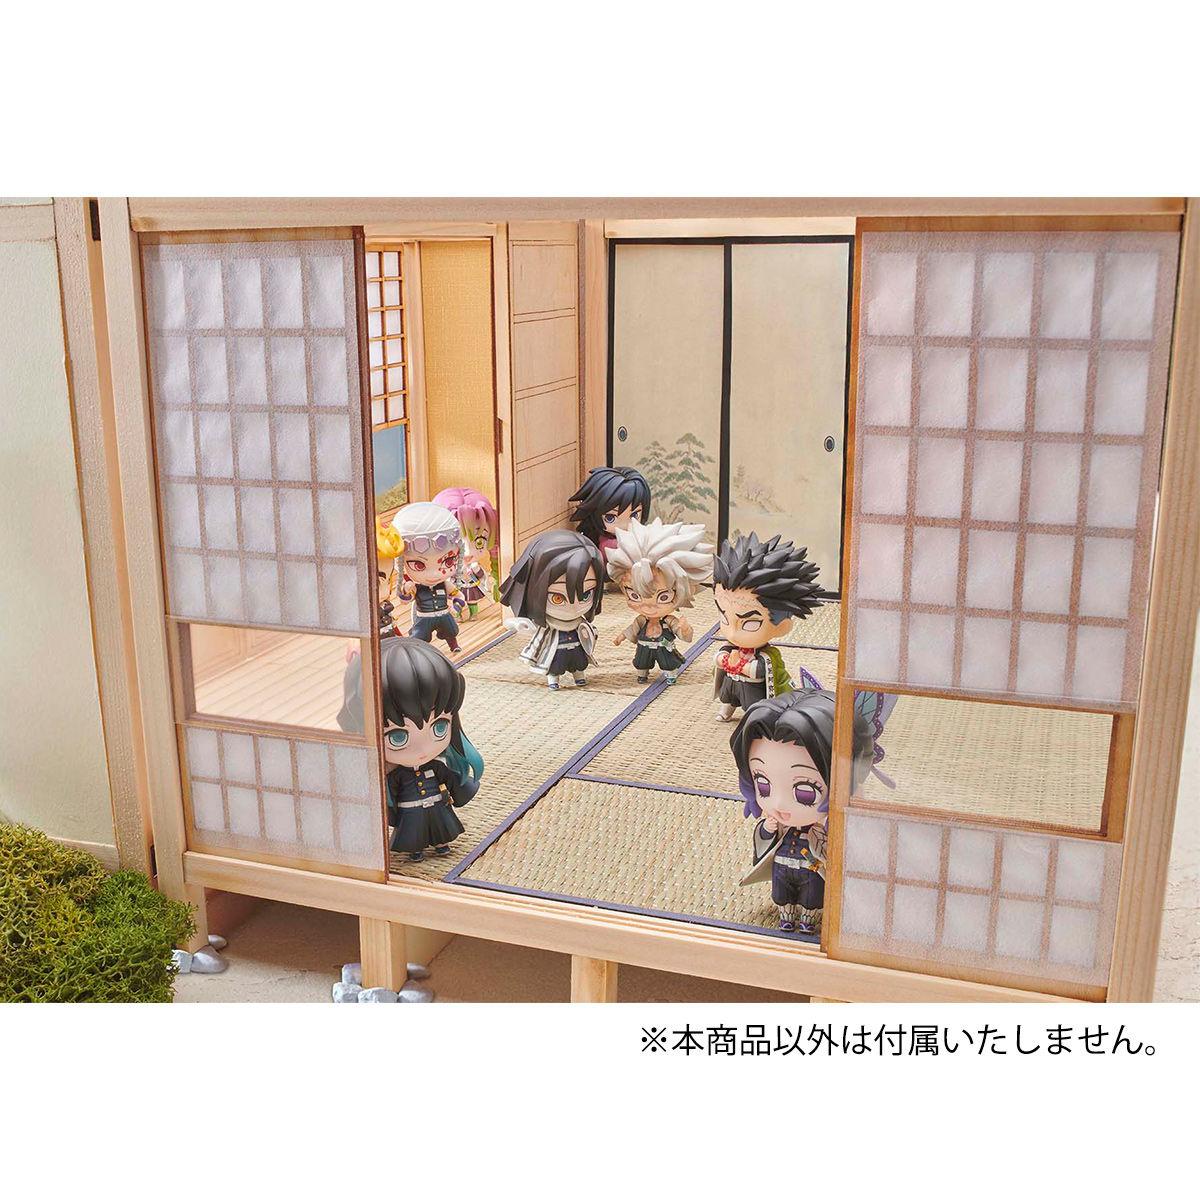 鬼滅の刃『炭治郎と柱たちマスコットセット A』デフォルメフィギュア-009